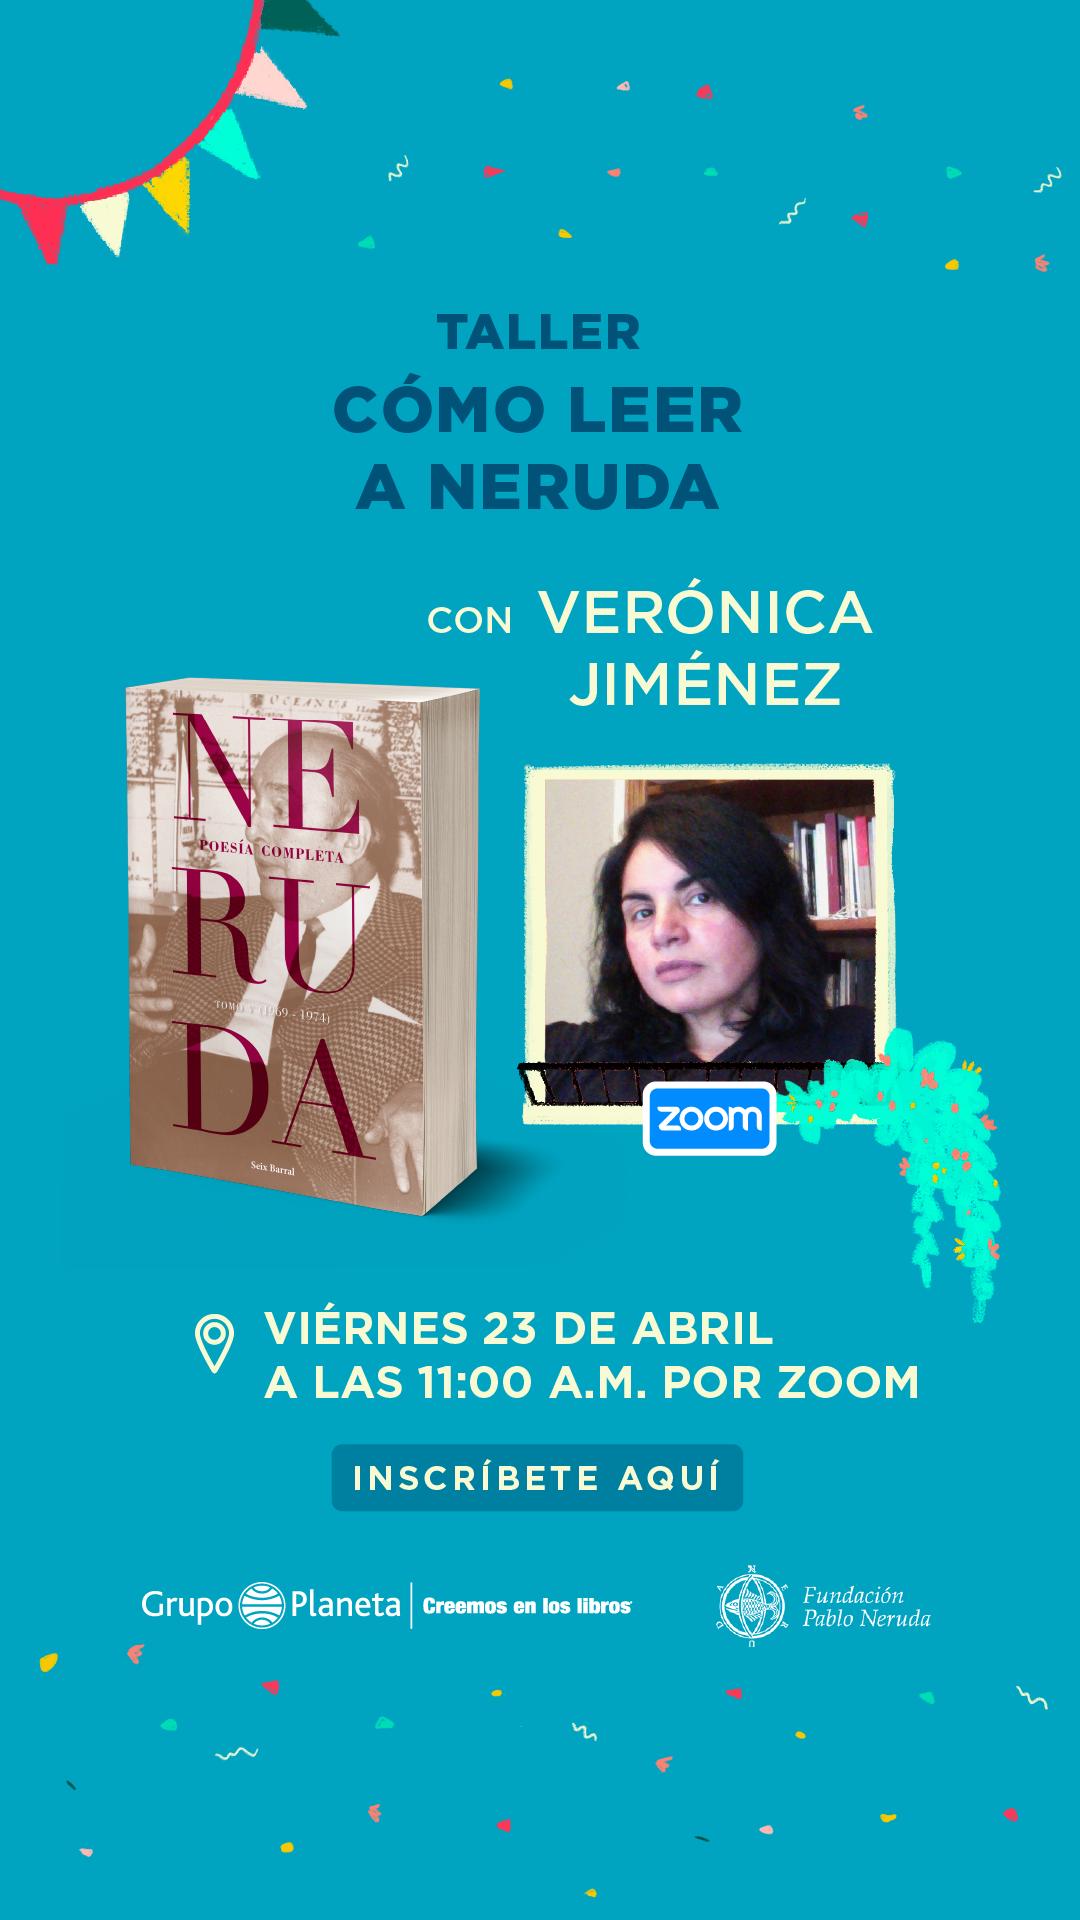 23.04 Taller Cómo leer a Neruda